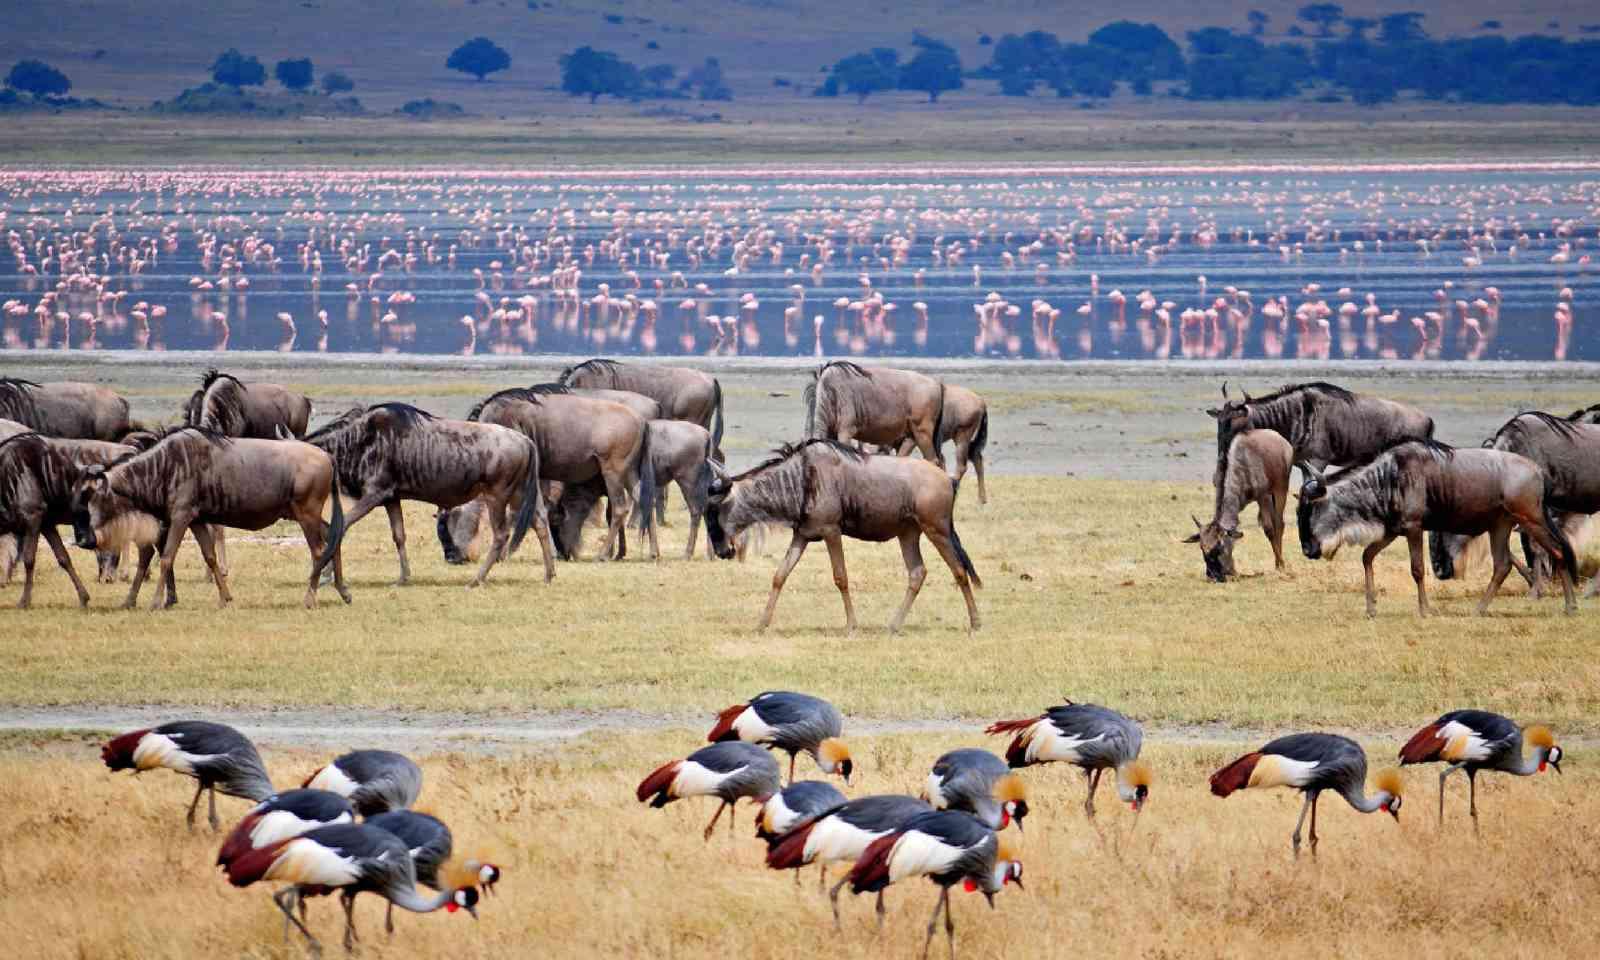 Wildebeest migration (Shutterstock)